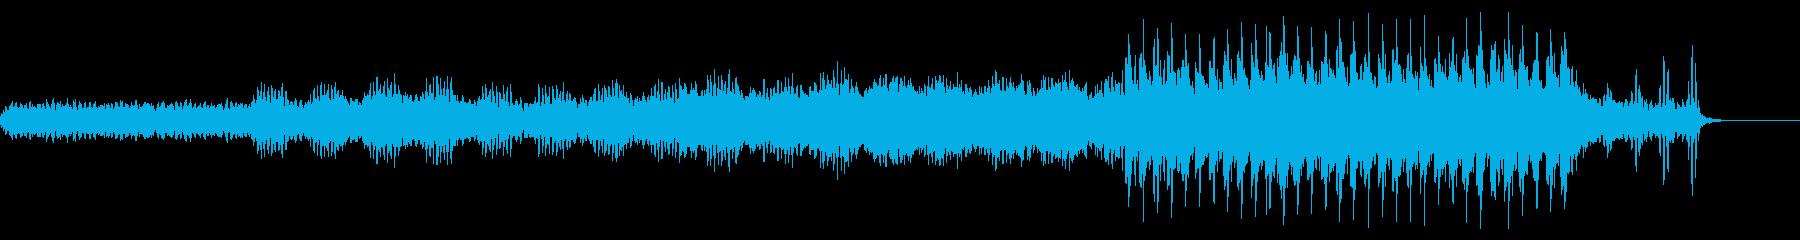 思いを届け ワクワクするな曲の再生済みの波形